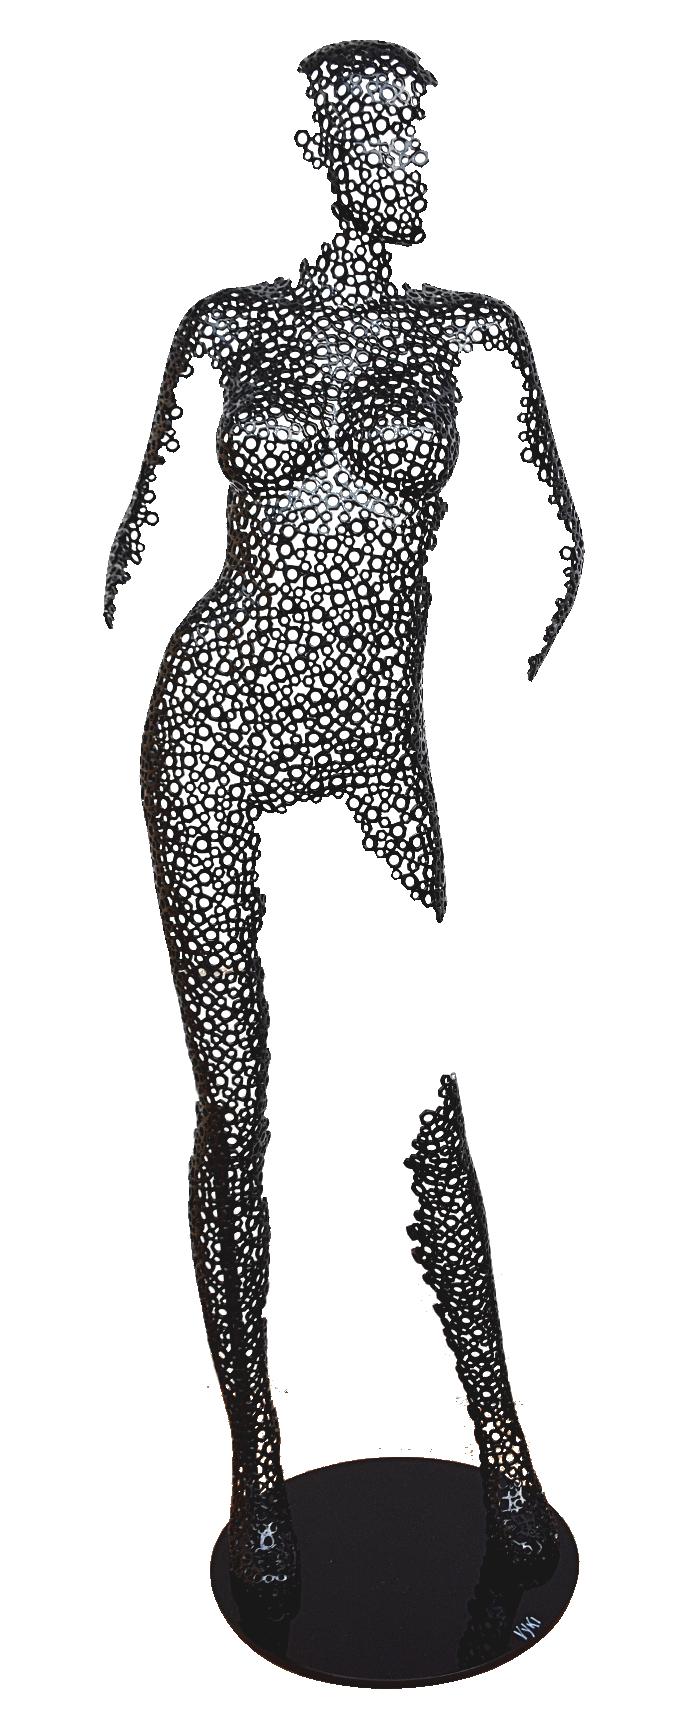 VYKI - Elégance (Schwarz) , 4506-011-045